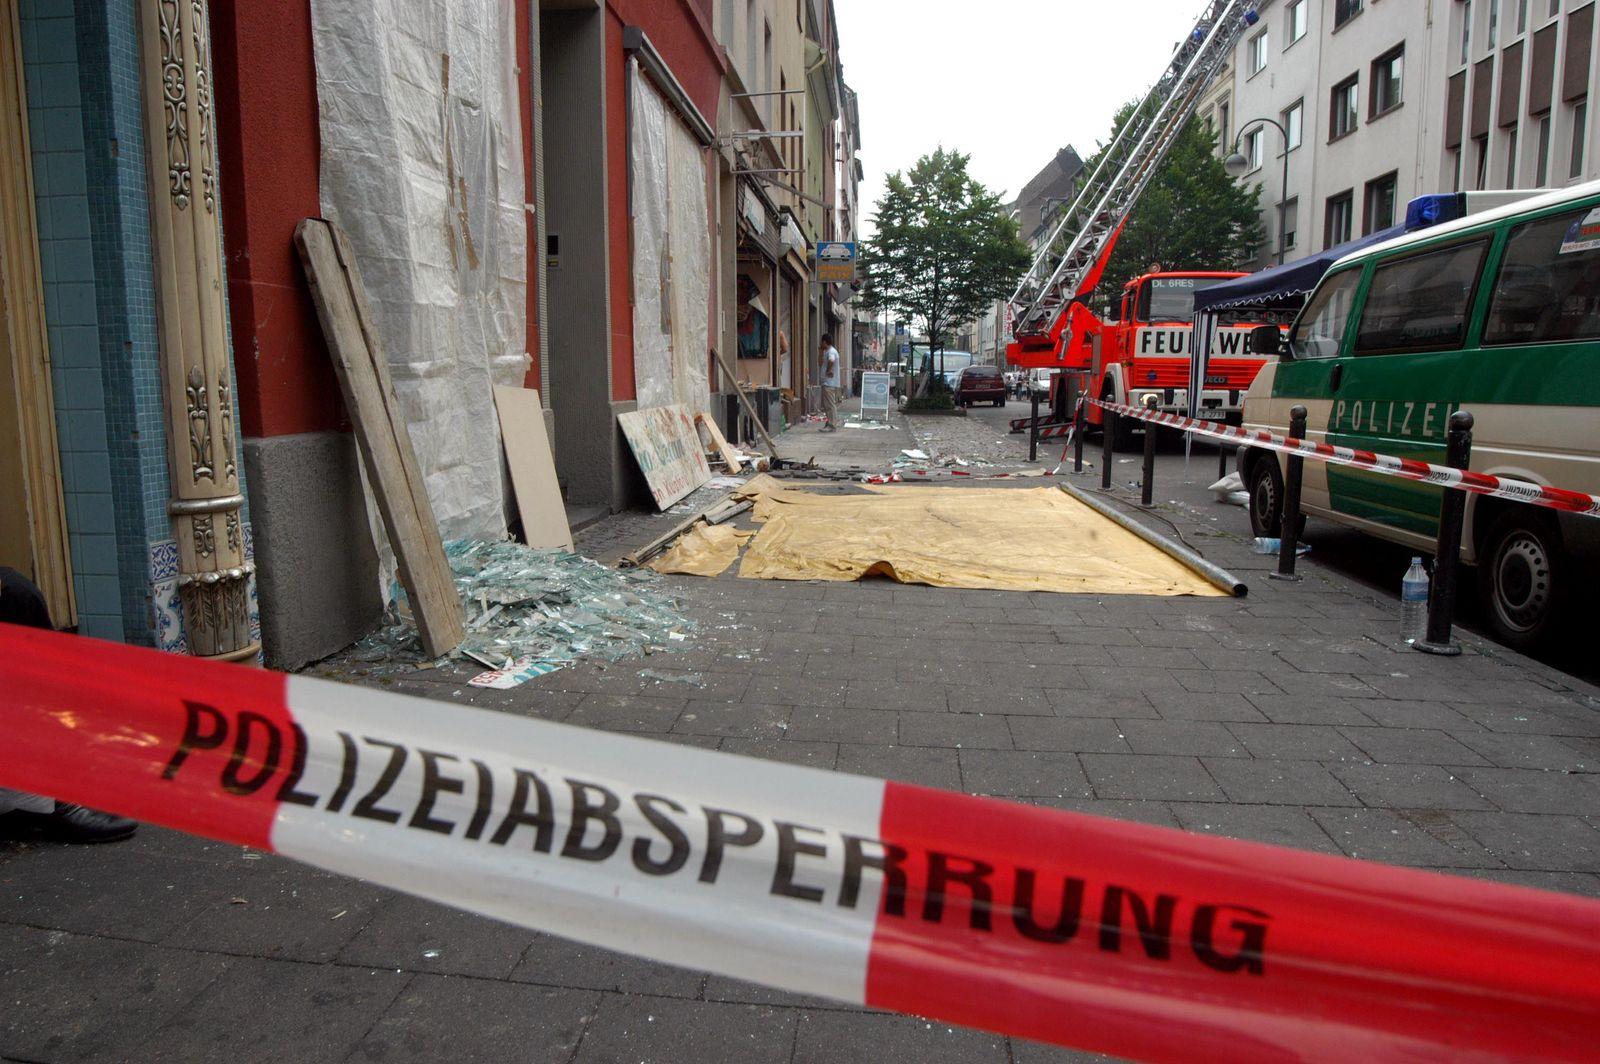 NICHT VERWENDEN Spurensuche nach Bombenexplosion in Koeln